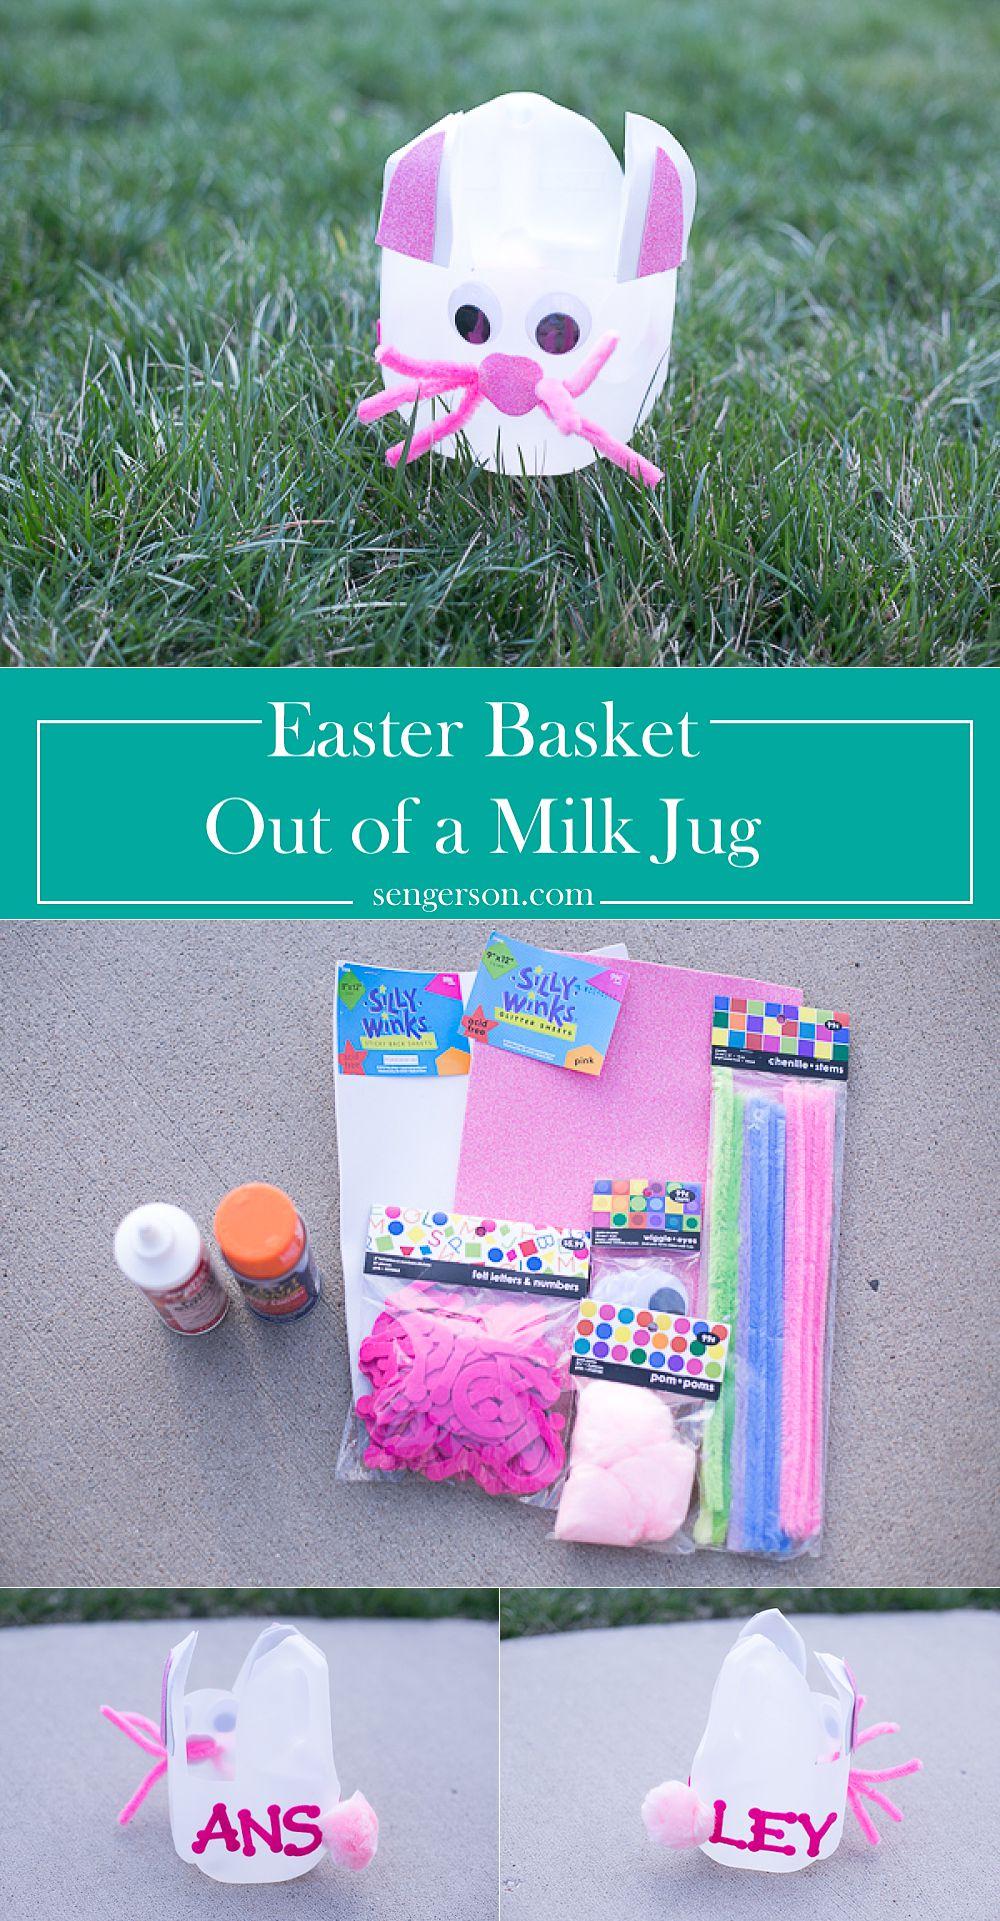 Easy milk jug easter basket kids craft idea.